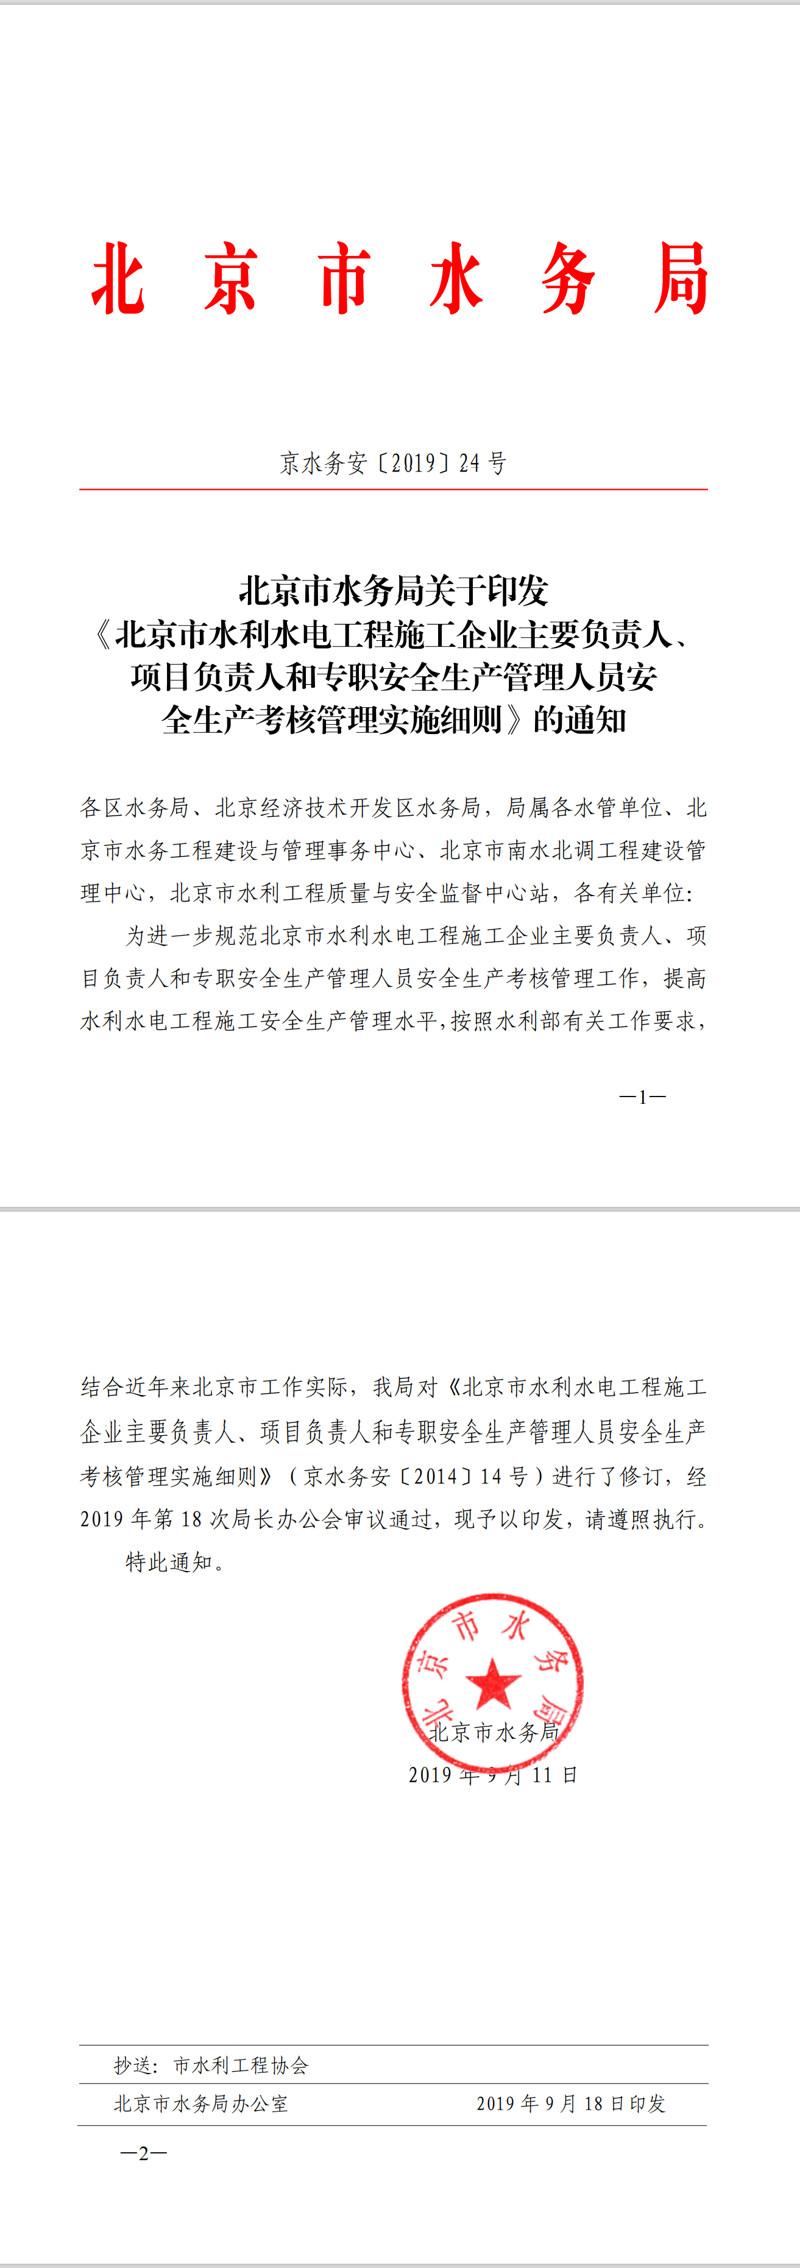 北京林淼生态环境技术有限公司